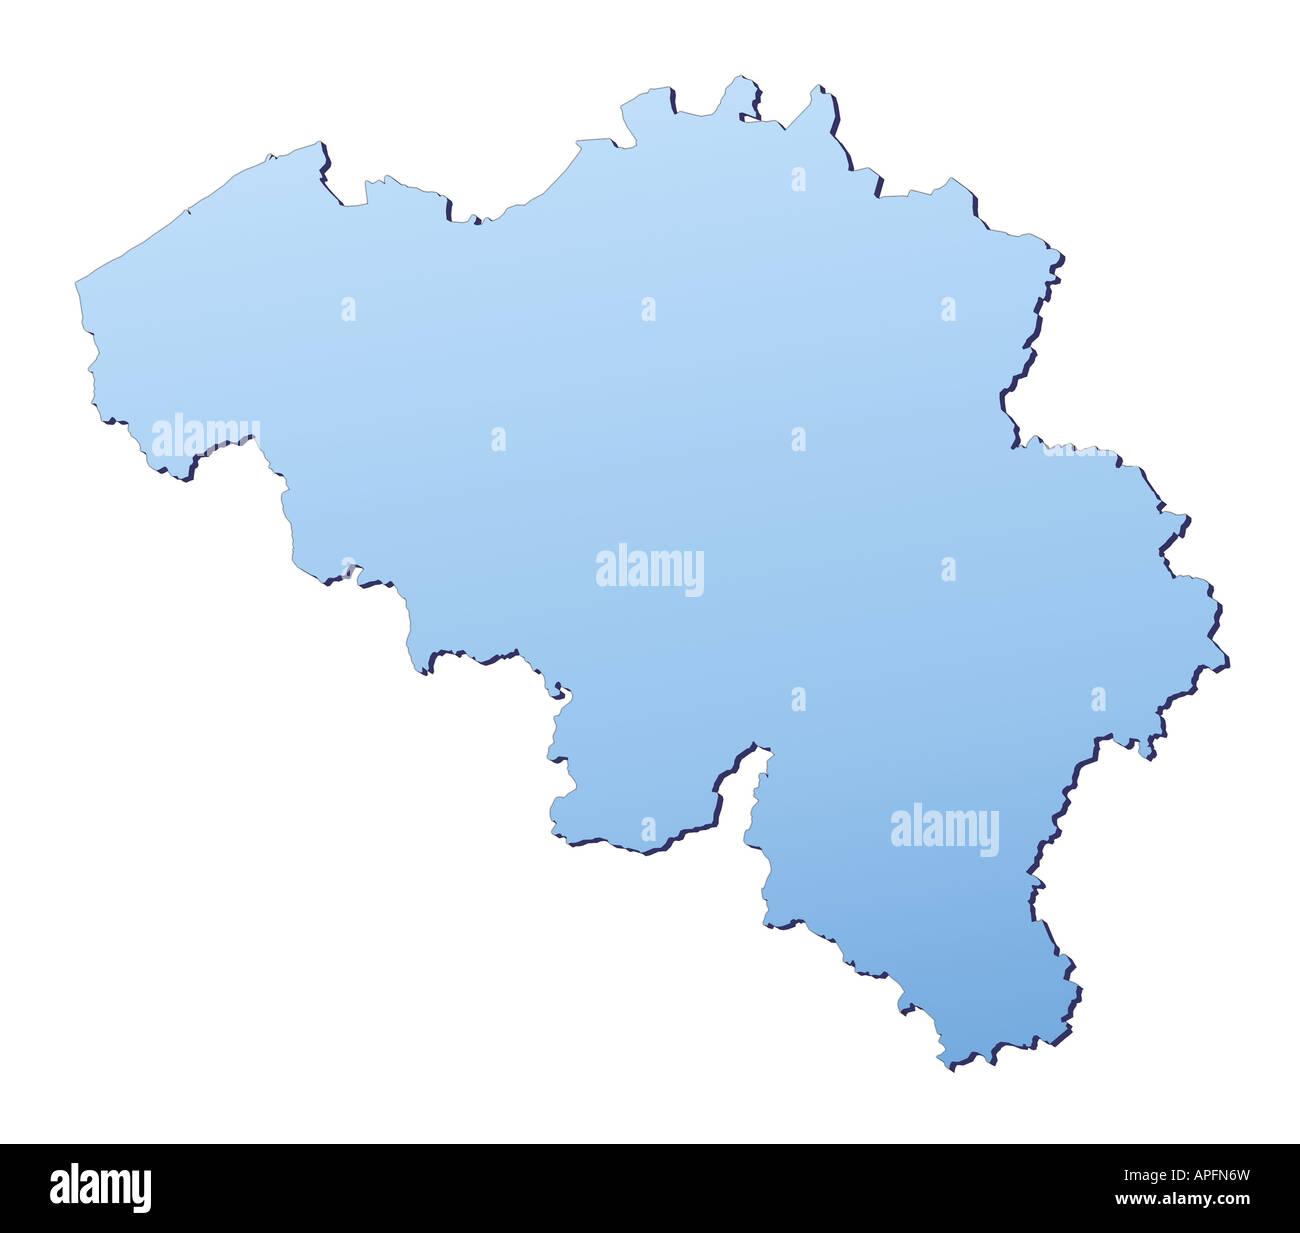 Belgium Map Stock Photos & Belgium Map Stock Images - Alamy